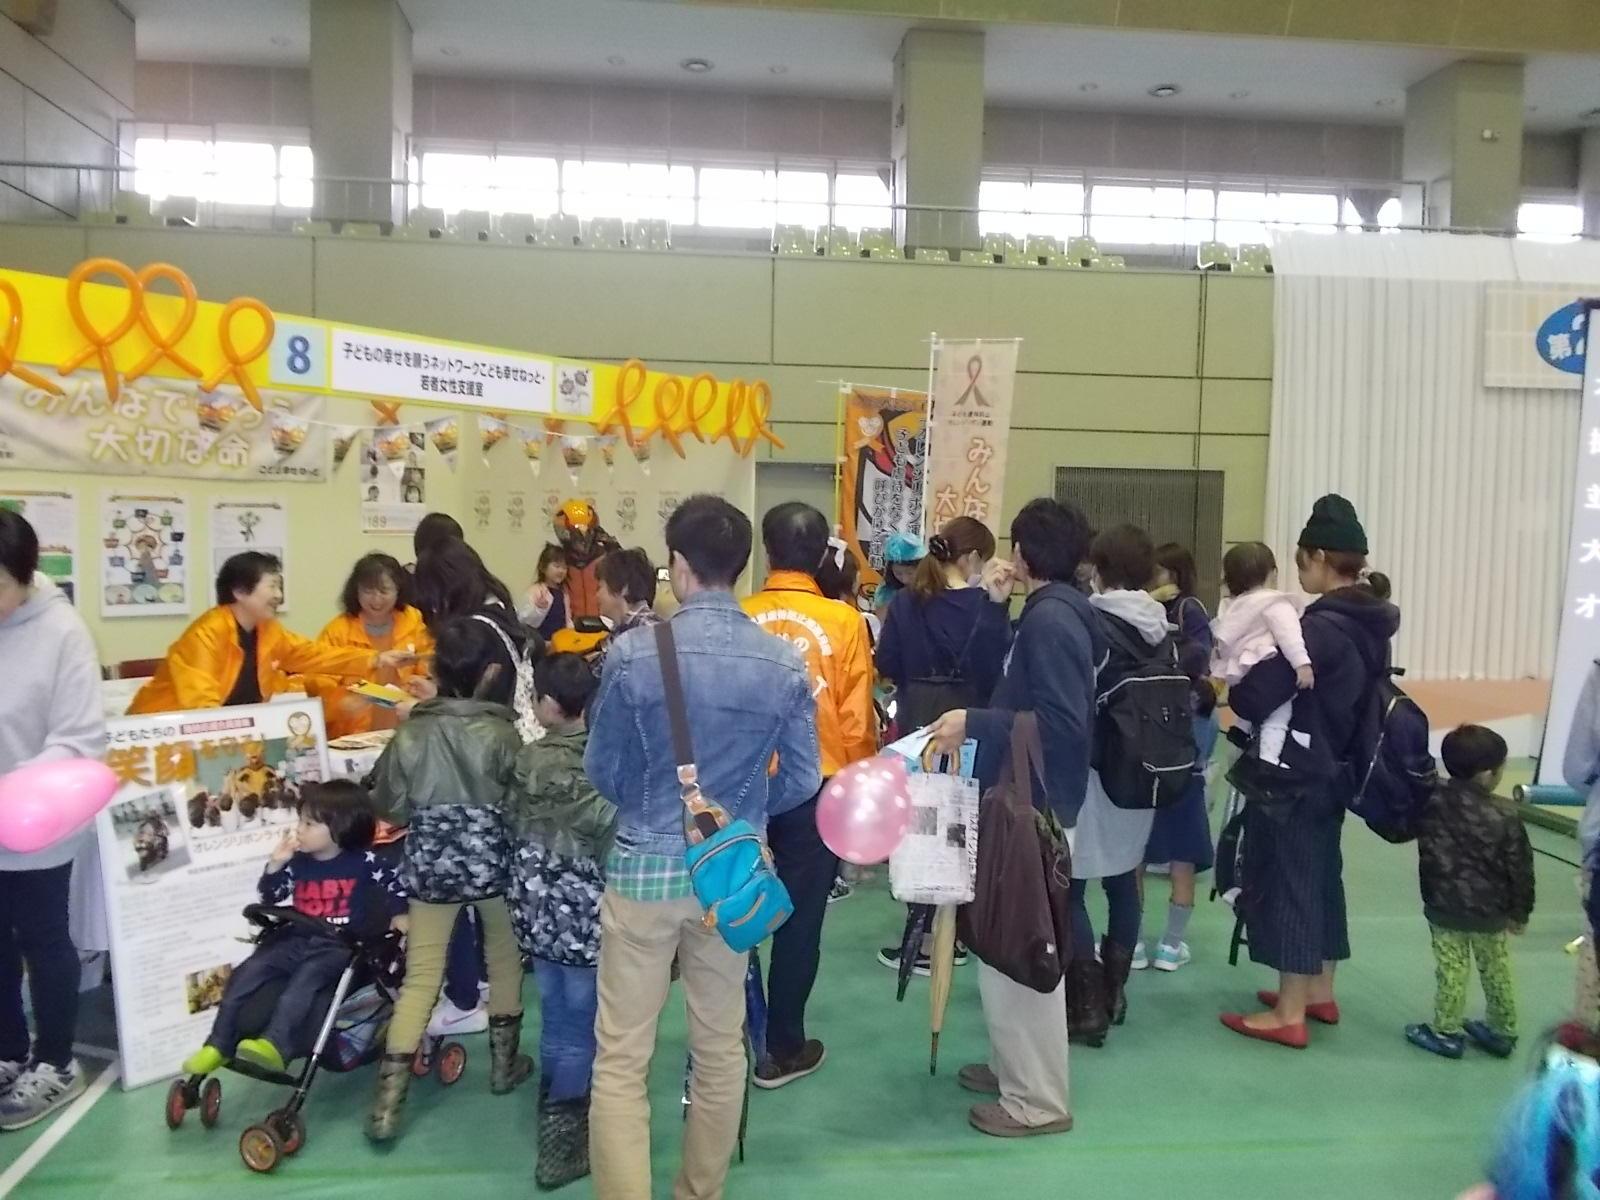 http://www.orangeribbon.jp/info/organization/f31c6ae4db91c38140576be74c014a5ca4b3d71d.JPG